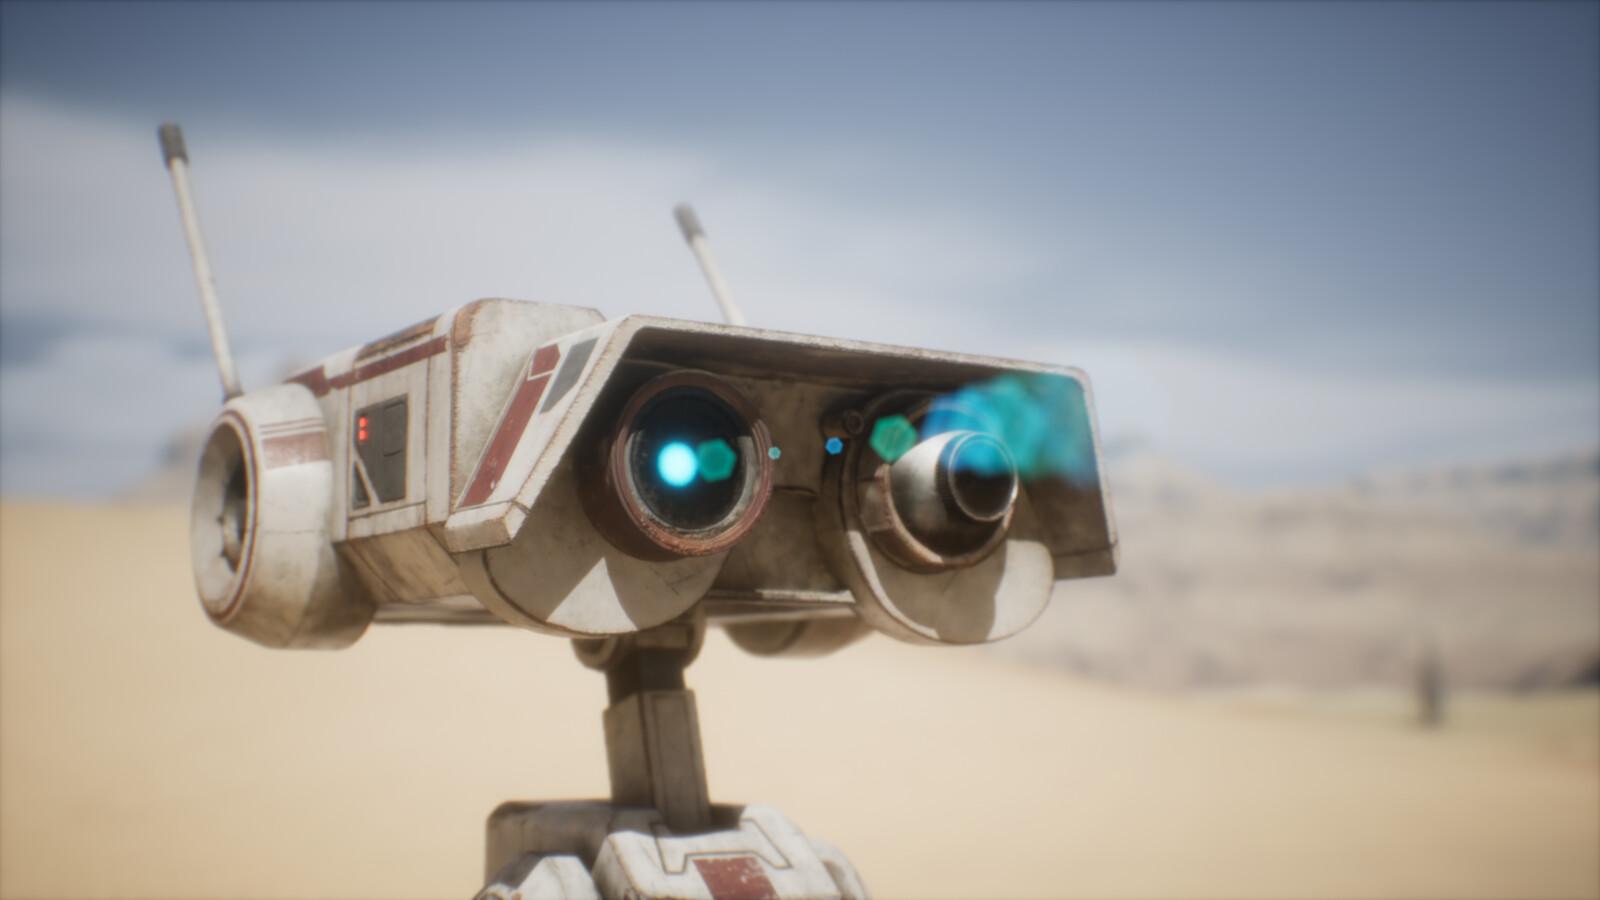 BD-1 Star Wars Fan Art